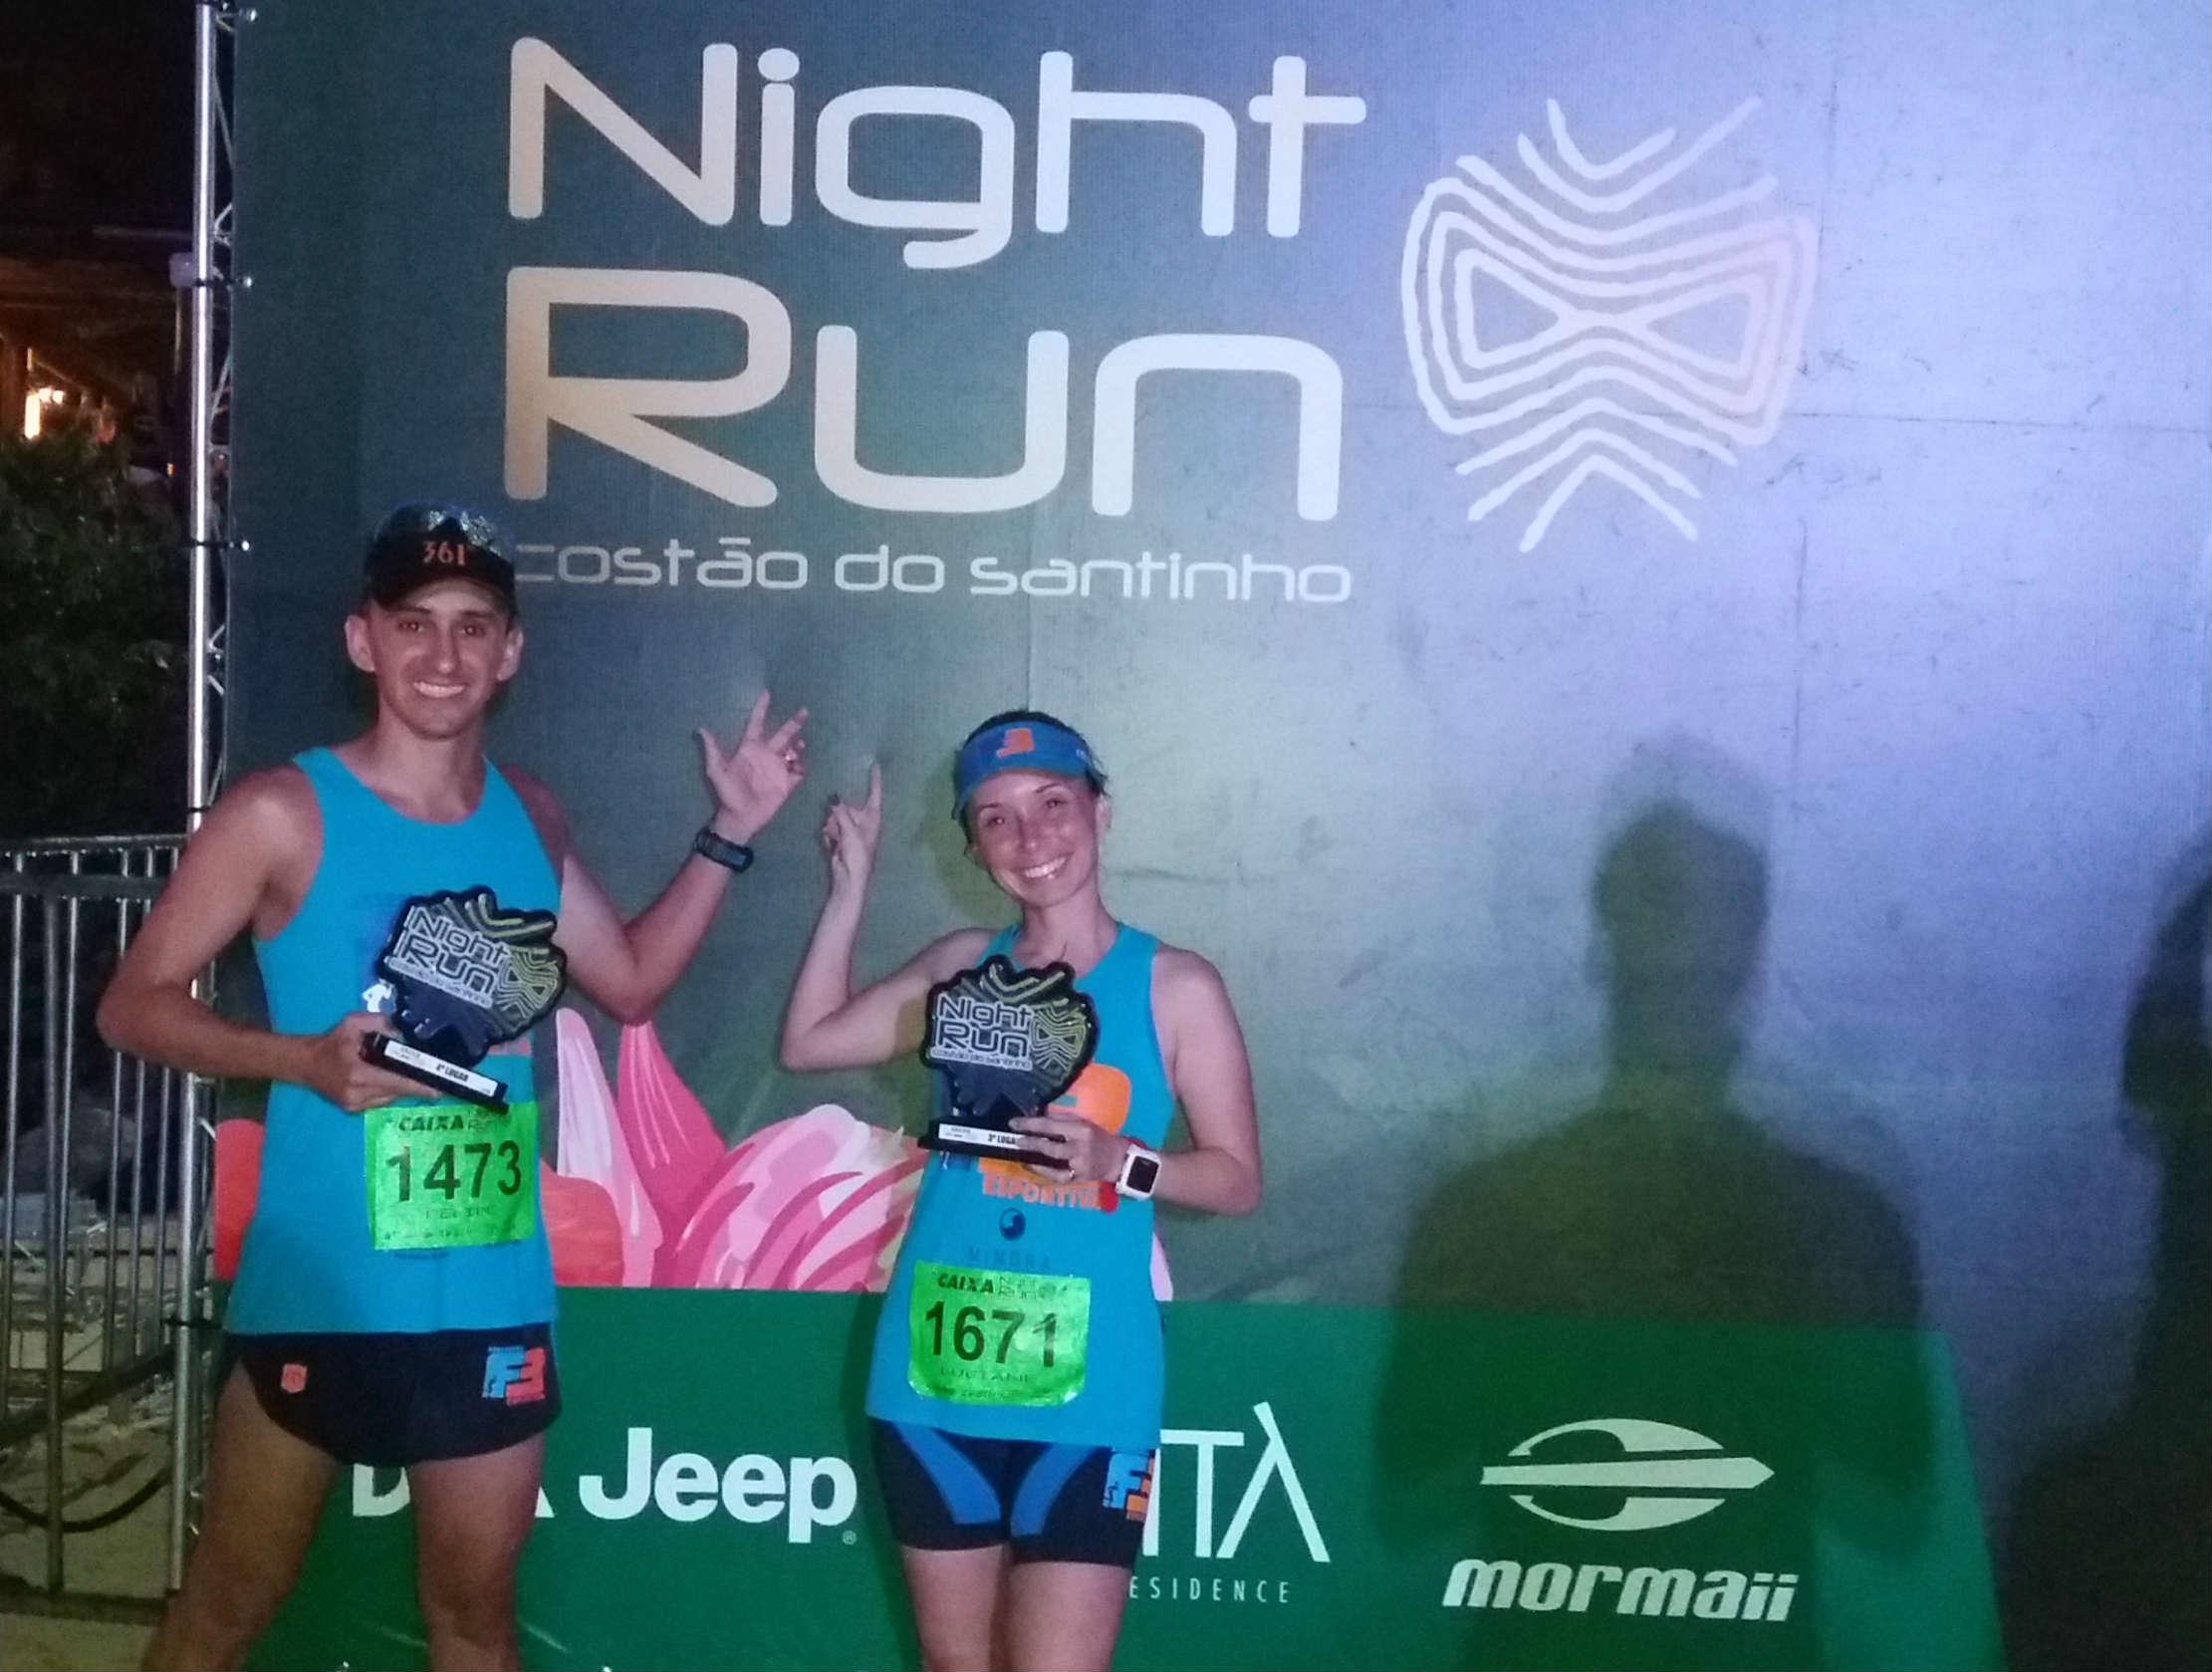 Circuito Night Run : Allianz night run k wind